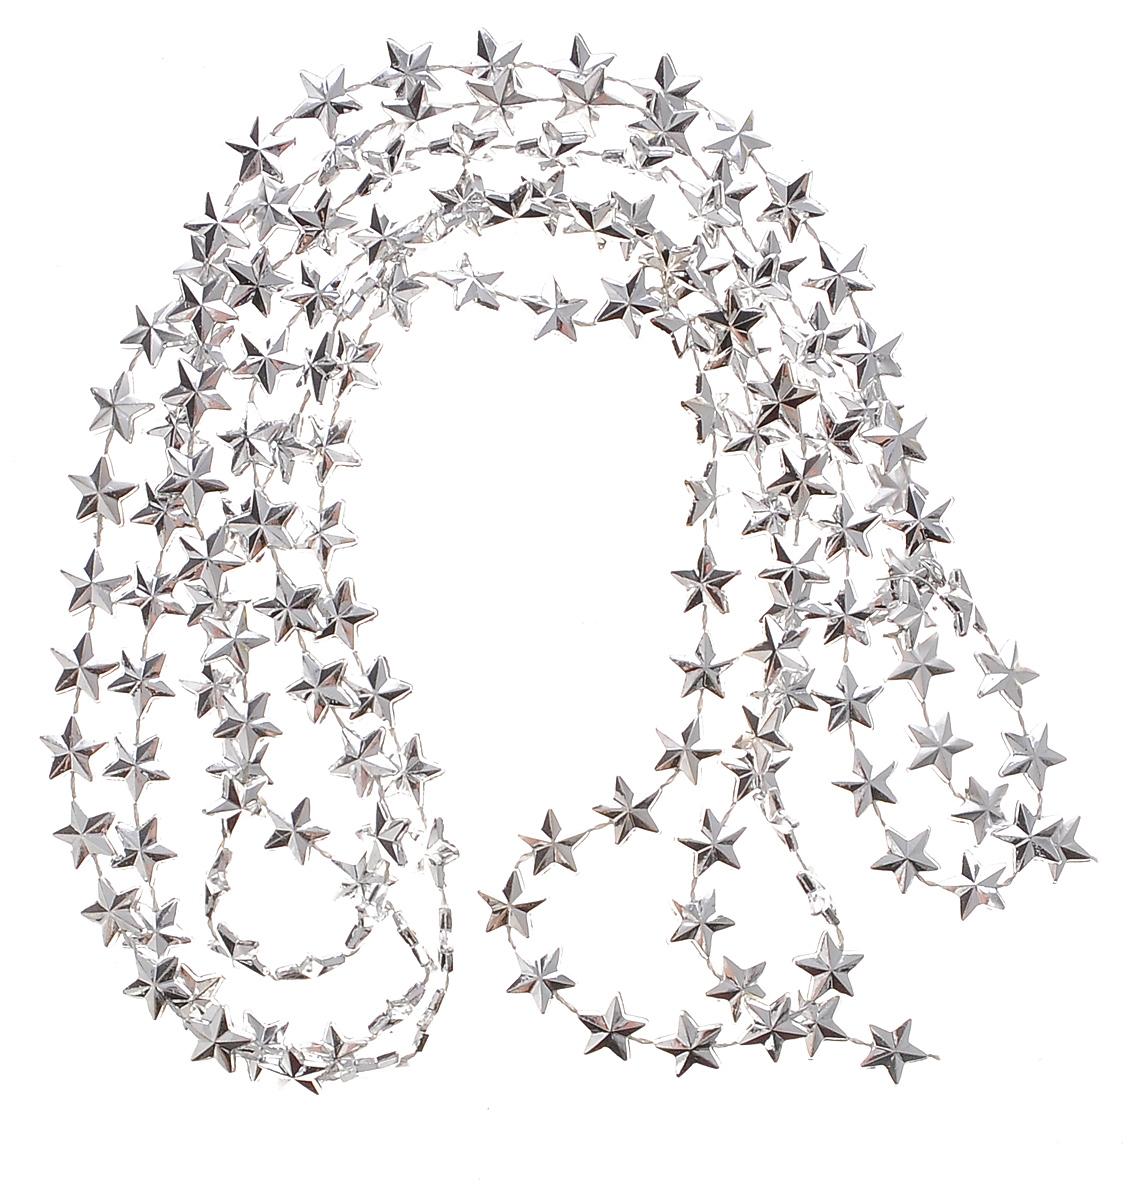 Гирлянда новогодняя Euro House Снежинки, цвет: серебристый, длина 2 мЕХ9309_серебренныйНовогодняя гирлянда Euro House Снежинки, выполненная из пластика, украсит интерьер вашего дома или офиса в преддверии Нового года. Гирлянда представляет собой бусины в виде звезд на нити. Оригинальный дизайн и красочное исполнение создадут праздничное настроение. Новогодние украшения всегда несут в себе волшебство и красоту праздника. Создайте в своем доме атмосферу тепла, веселья и радости, украшая его всей семьей. Ширина гирлянды: 1,1 см.